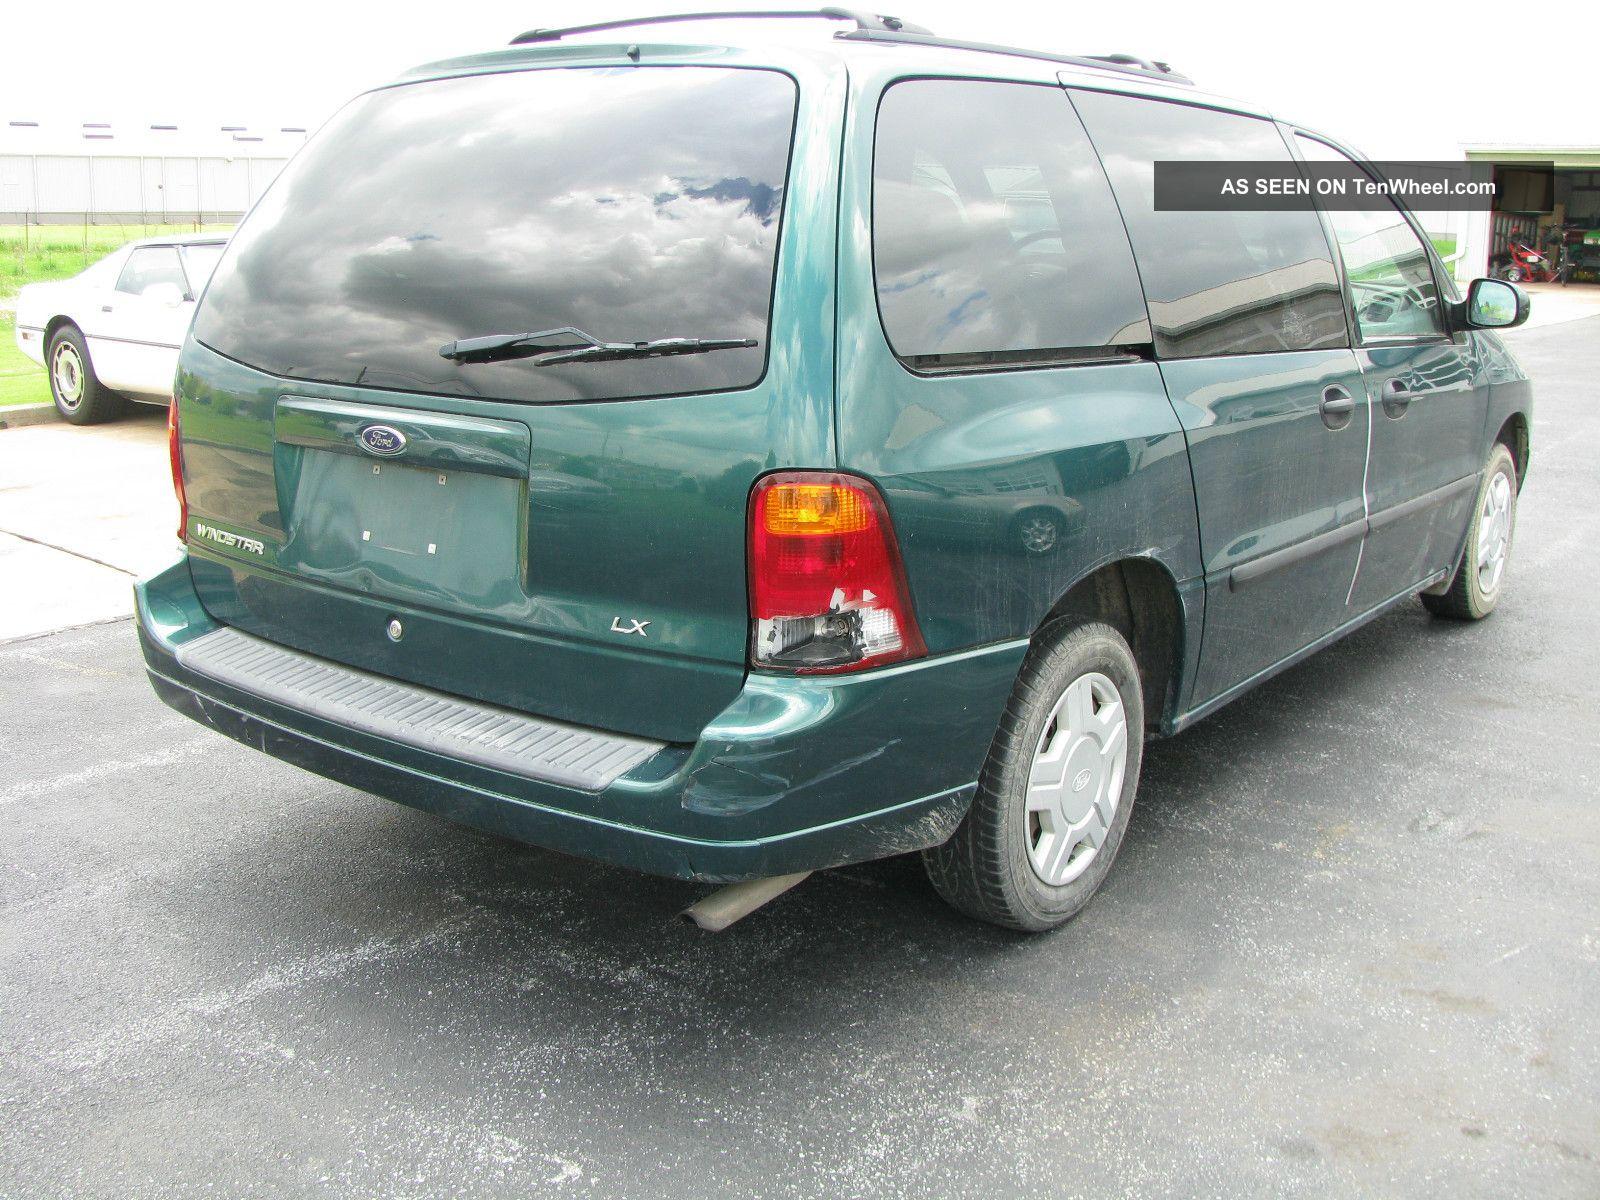 2003 Ford Windstar Lx Mini Van 7 Passenger 4 Door Great For Wheelchair Lift